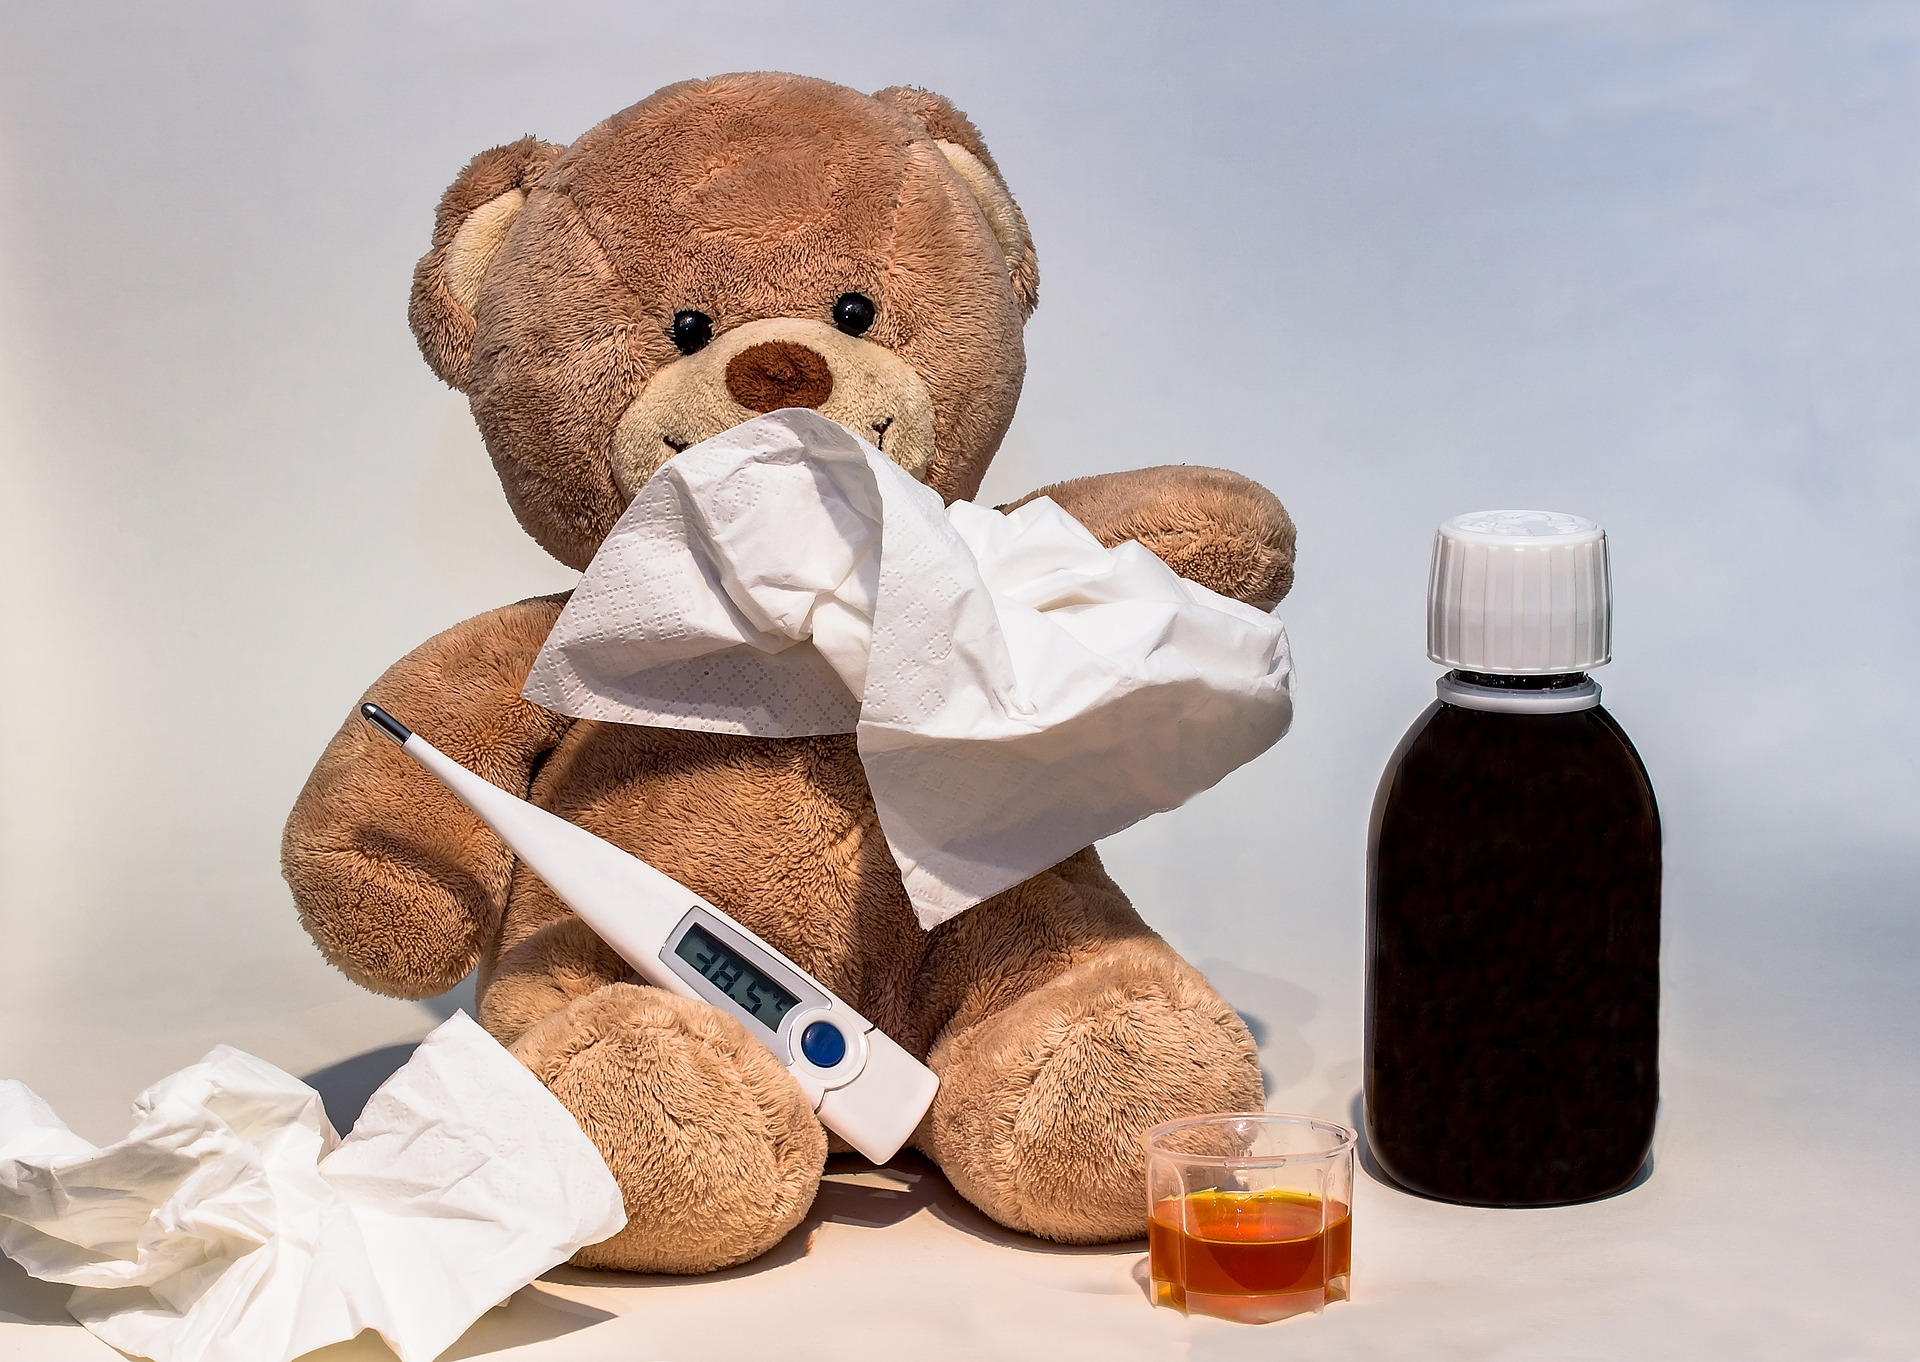 発疹や目の充血、高熱が出たら要注意!大人の風疹対処法は?